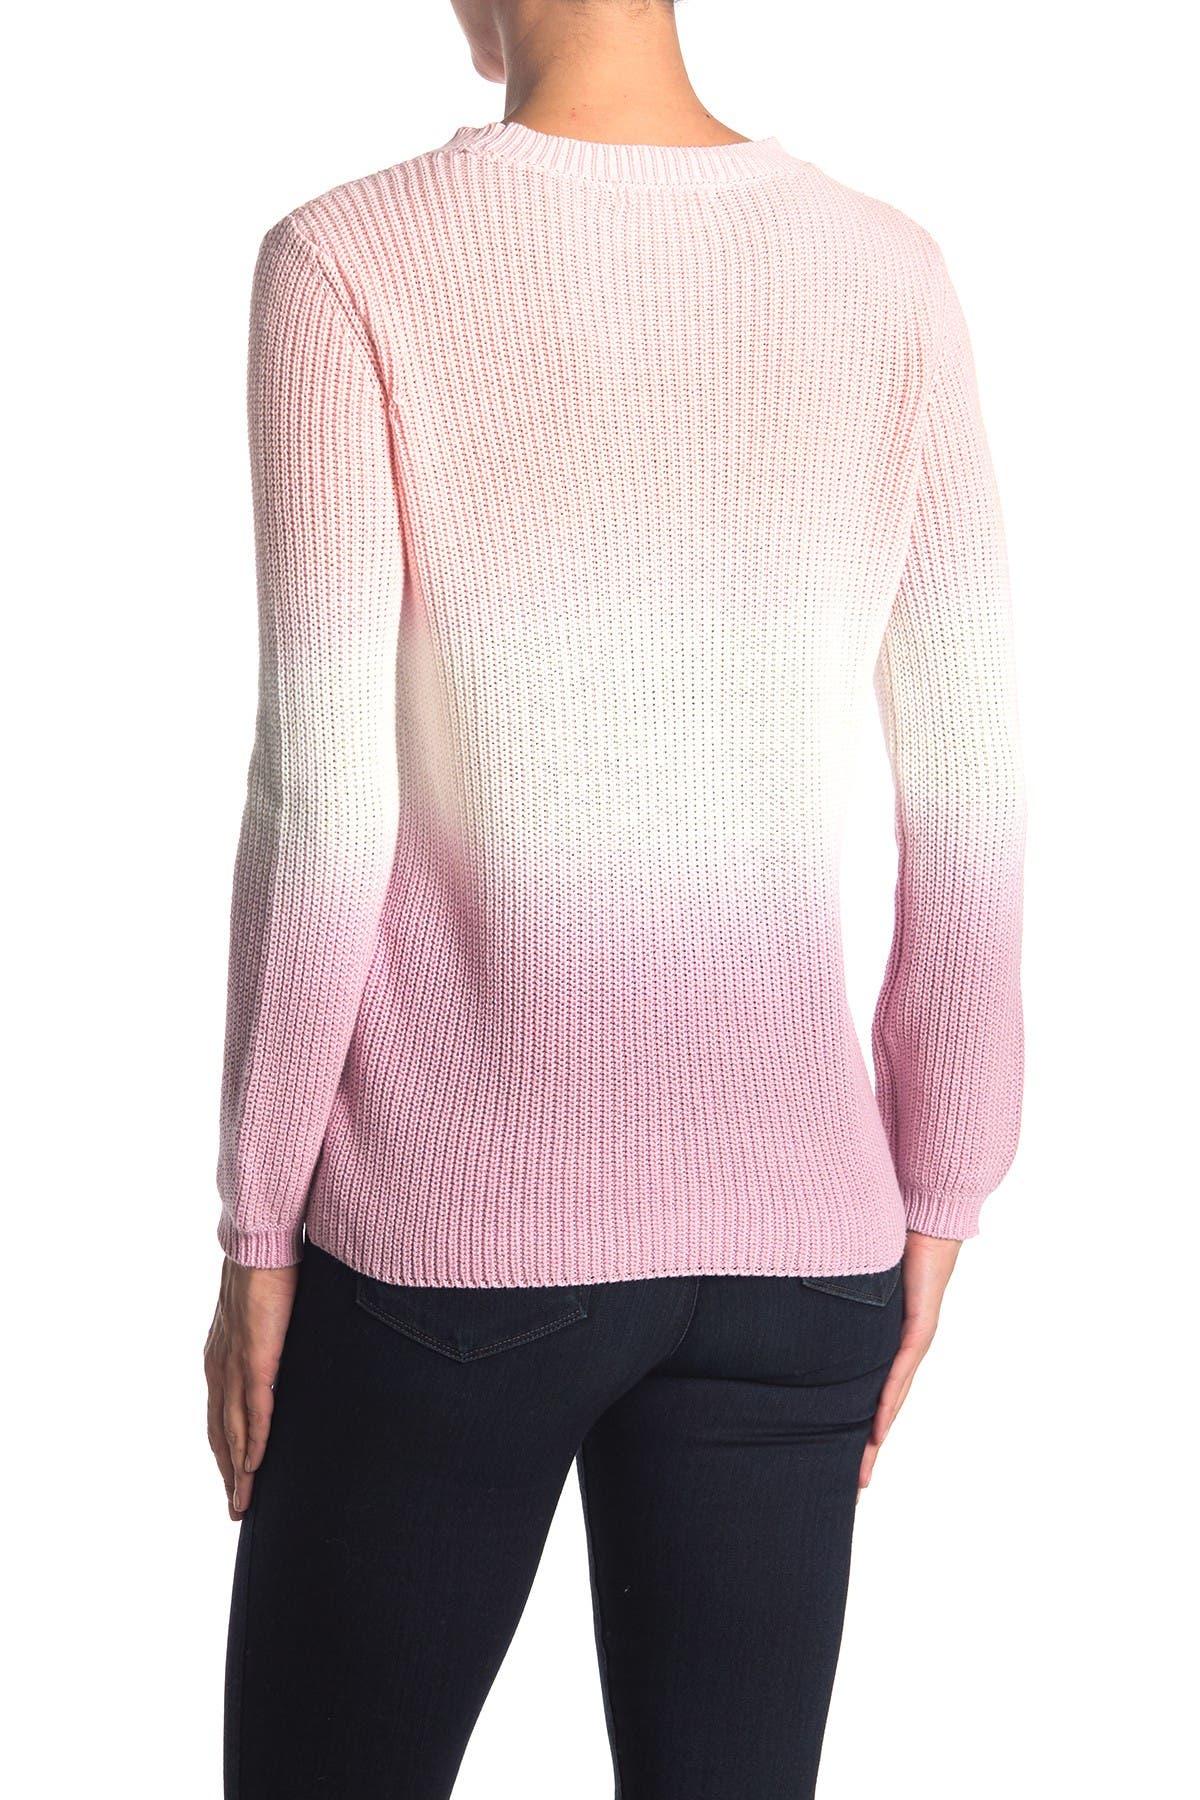 Image of Workshop Long Sleeve Tie Dye Crewneck Sweater